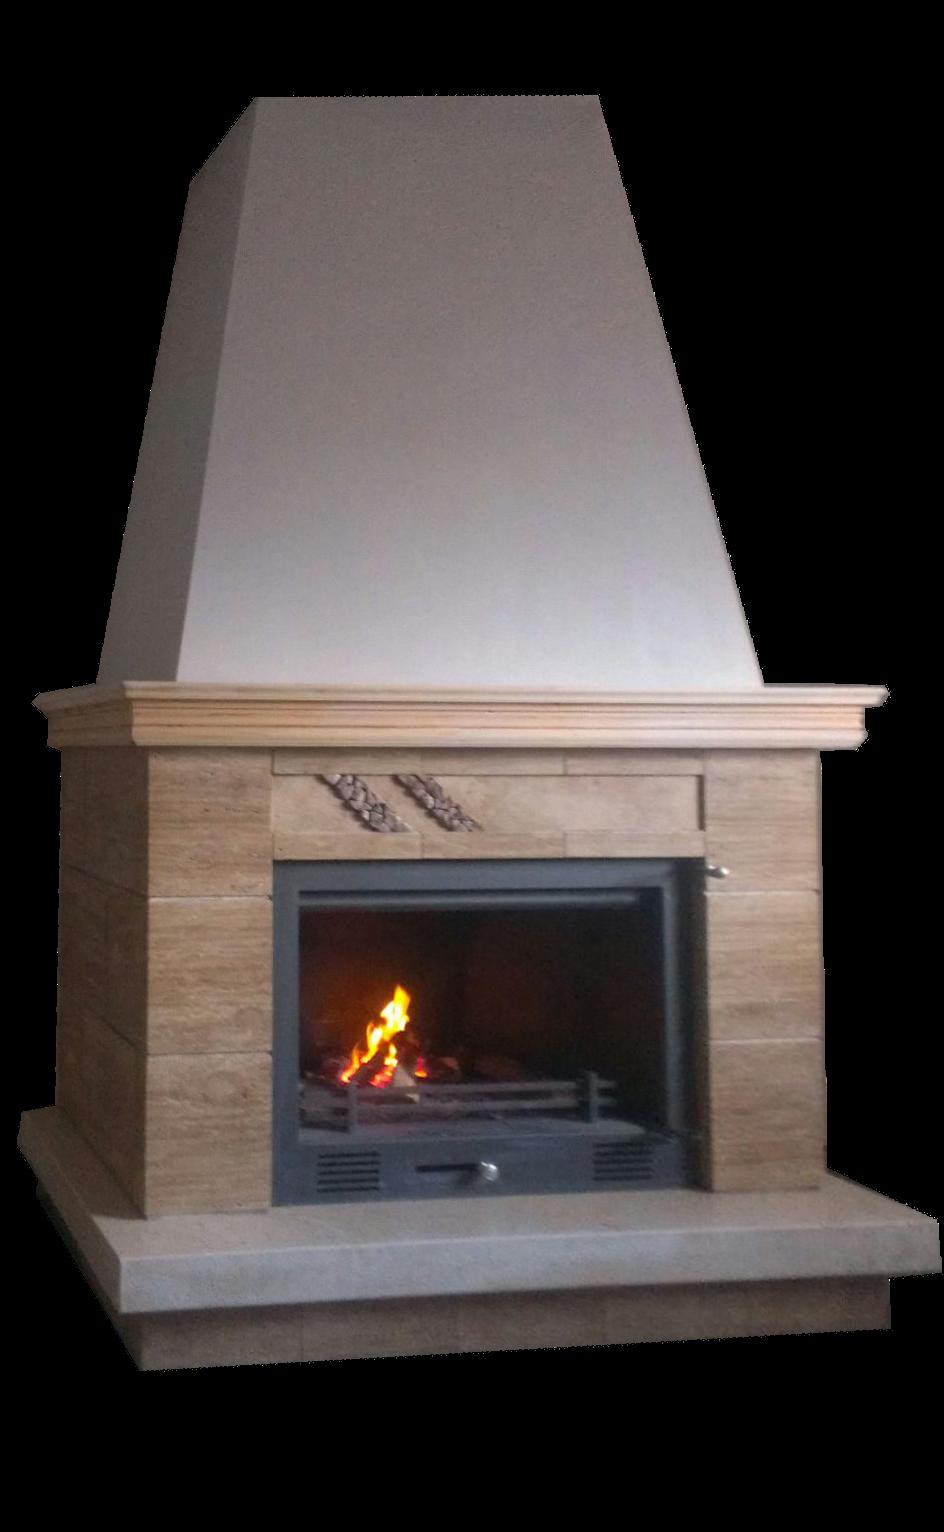 Comprar chimeneas hornos artesanos estufas barbacoas - Matachispas para chimeneas ...